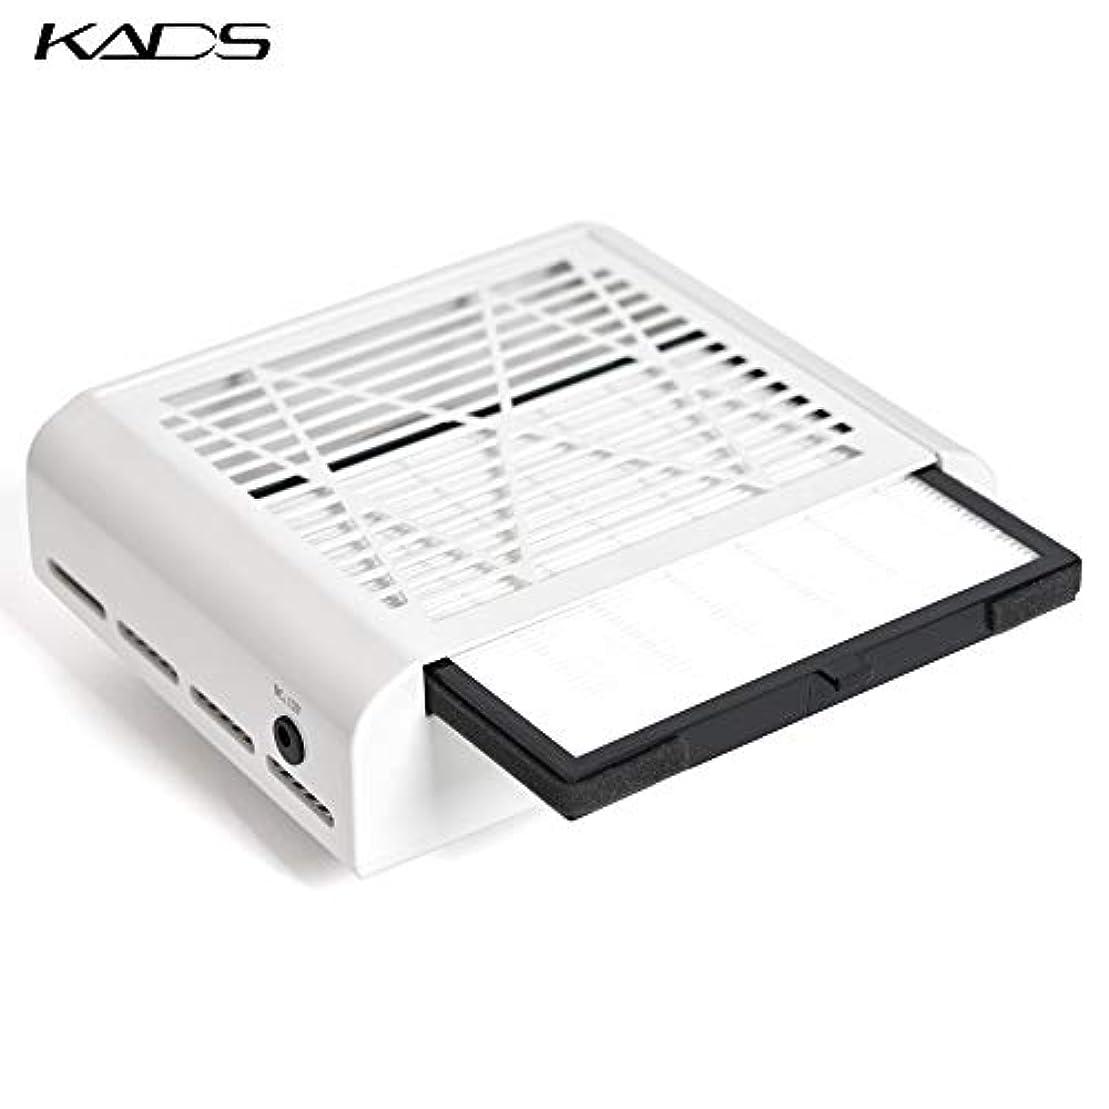 インド矢印整理するKADS ネイルダスト集塵機 ネイルダストコレクター サロンサクションダストコレクター ネイルダストクリーナー ジェルネイル機器 ネイルケア用